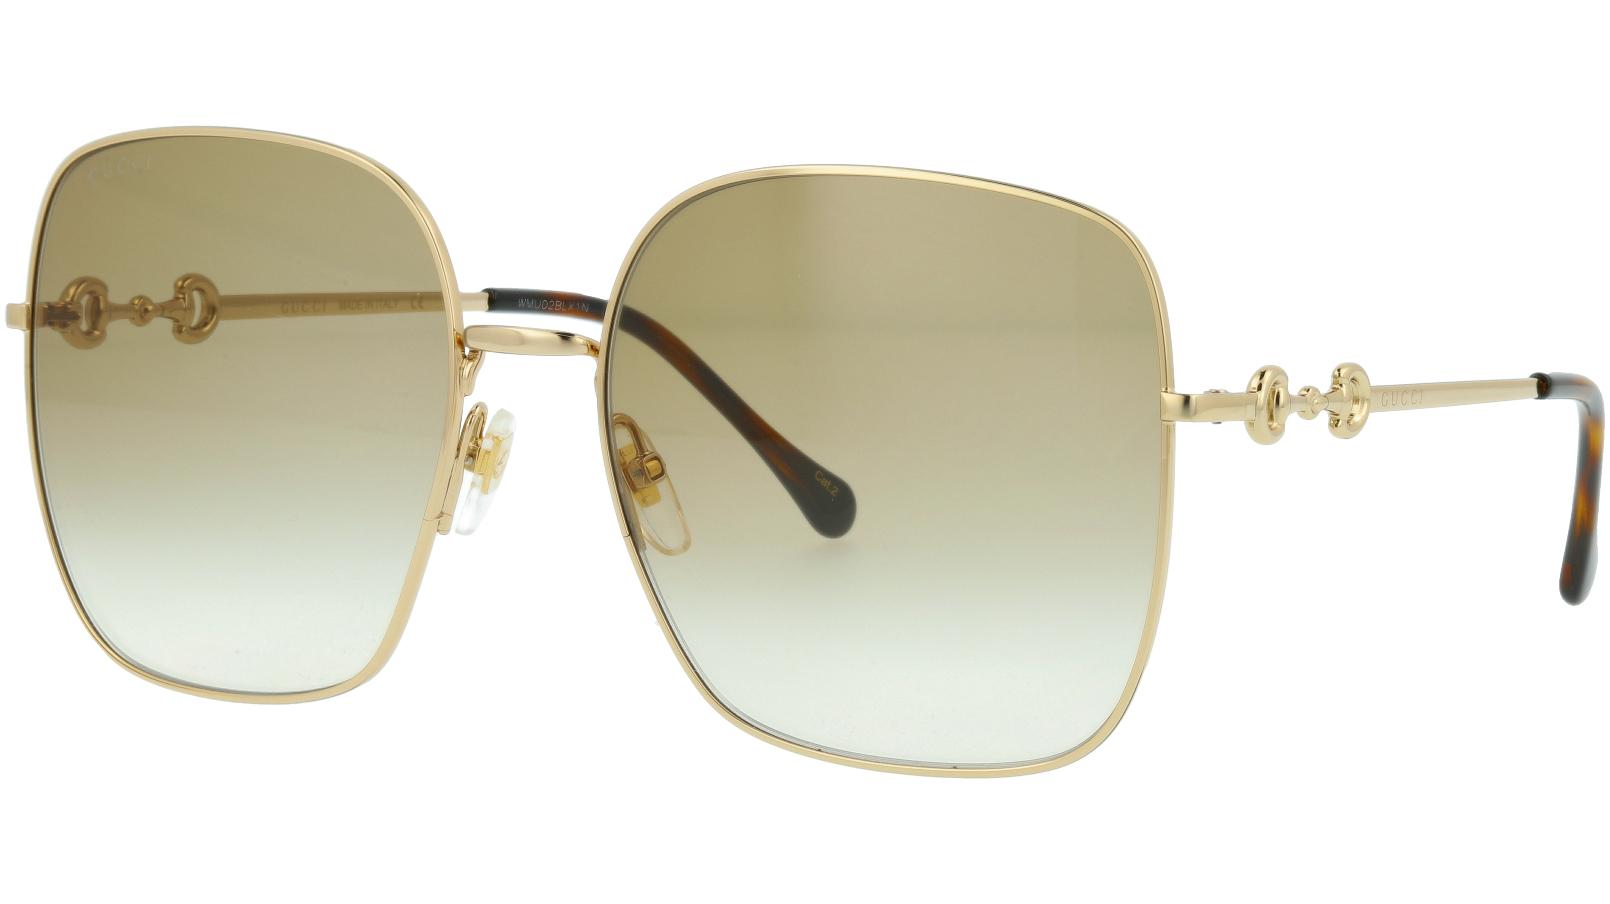 GUCCI GG0879S 004 61 GOLD Sunglasses